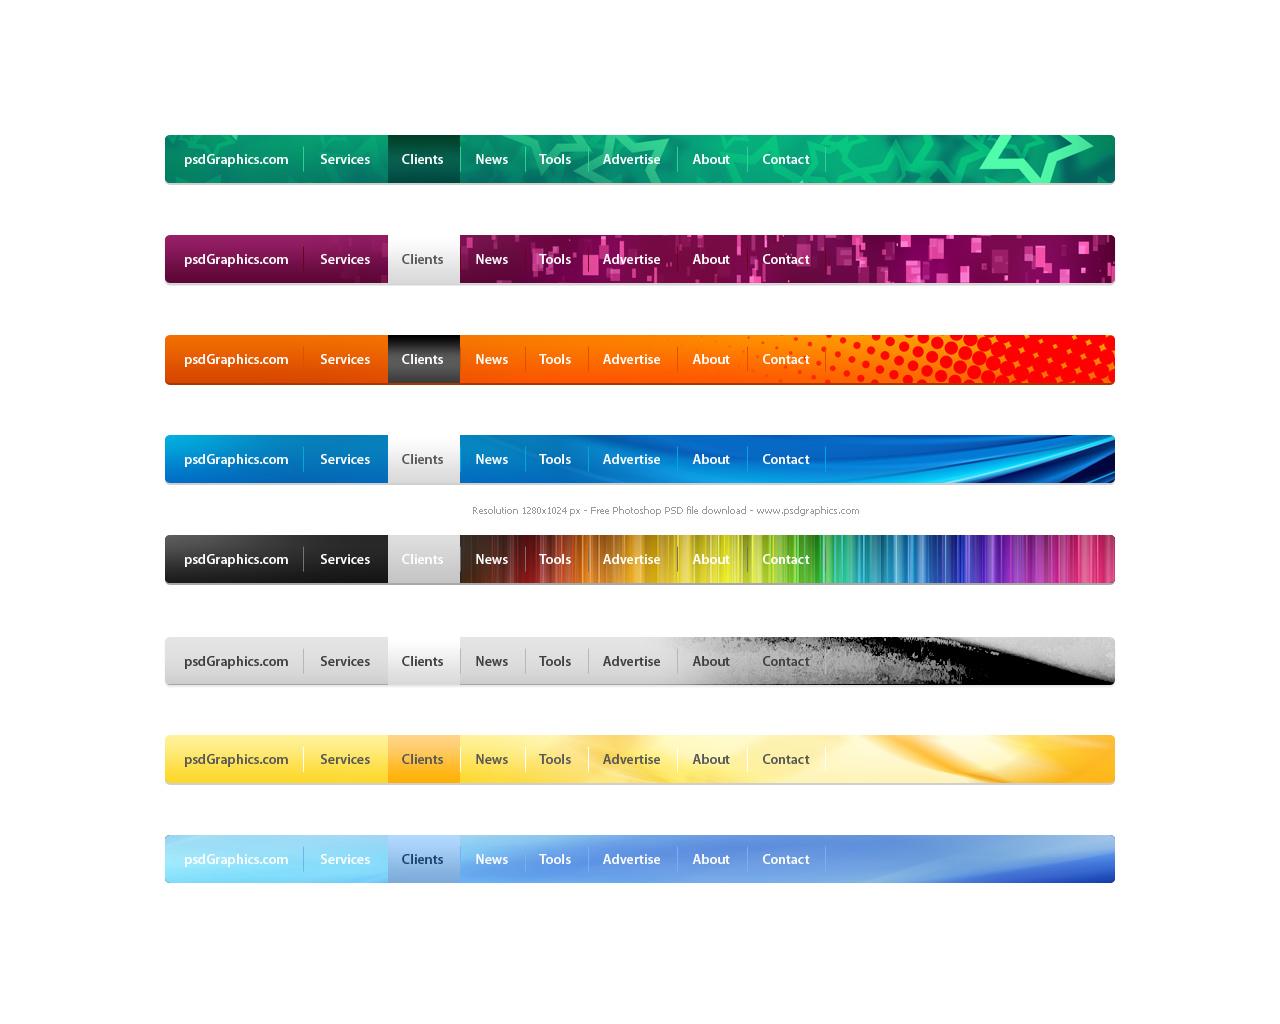 PSD Website Navigation Menus Set PSDGraphics - Website menu design templates